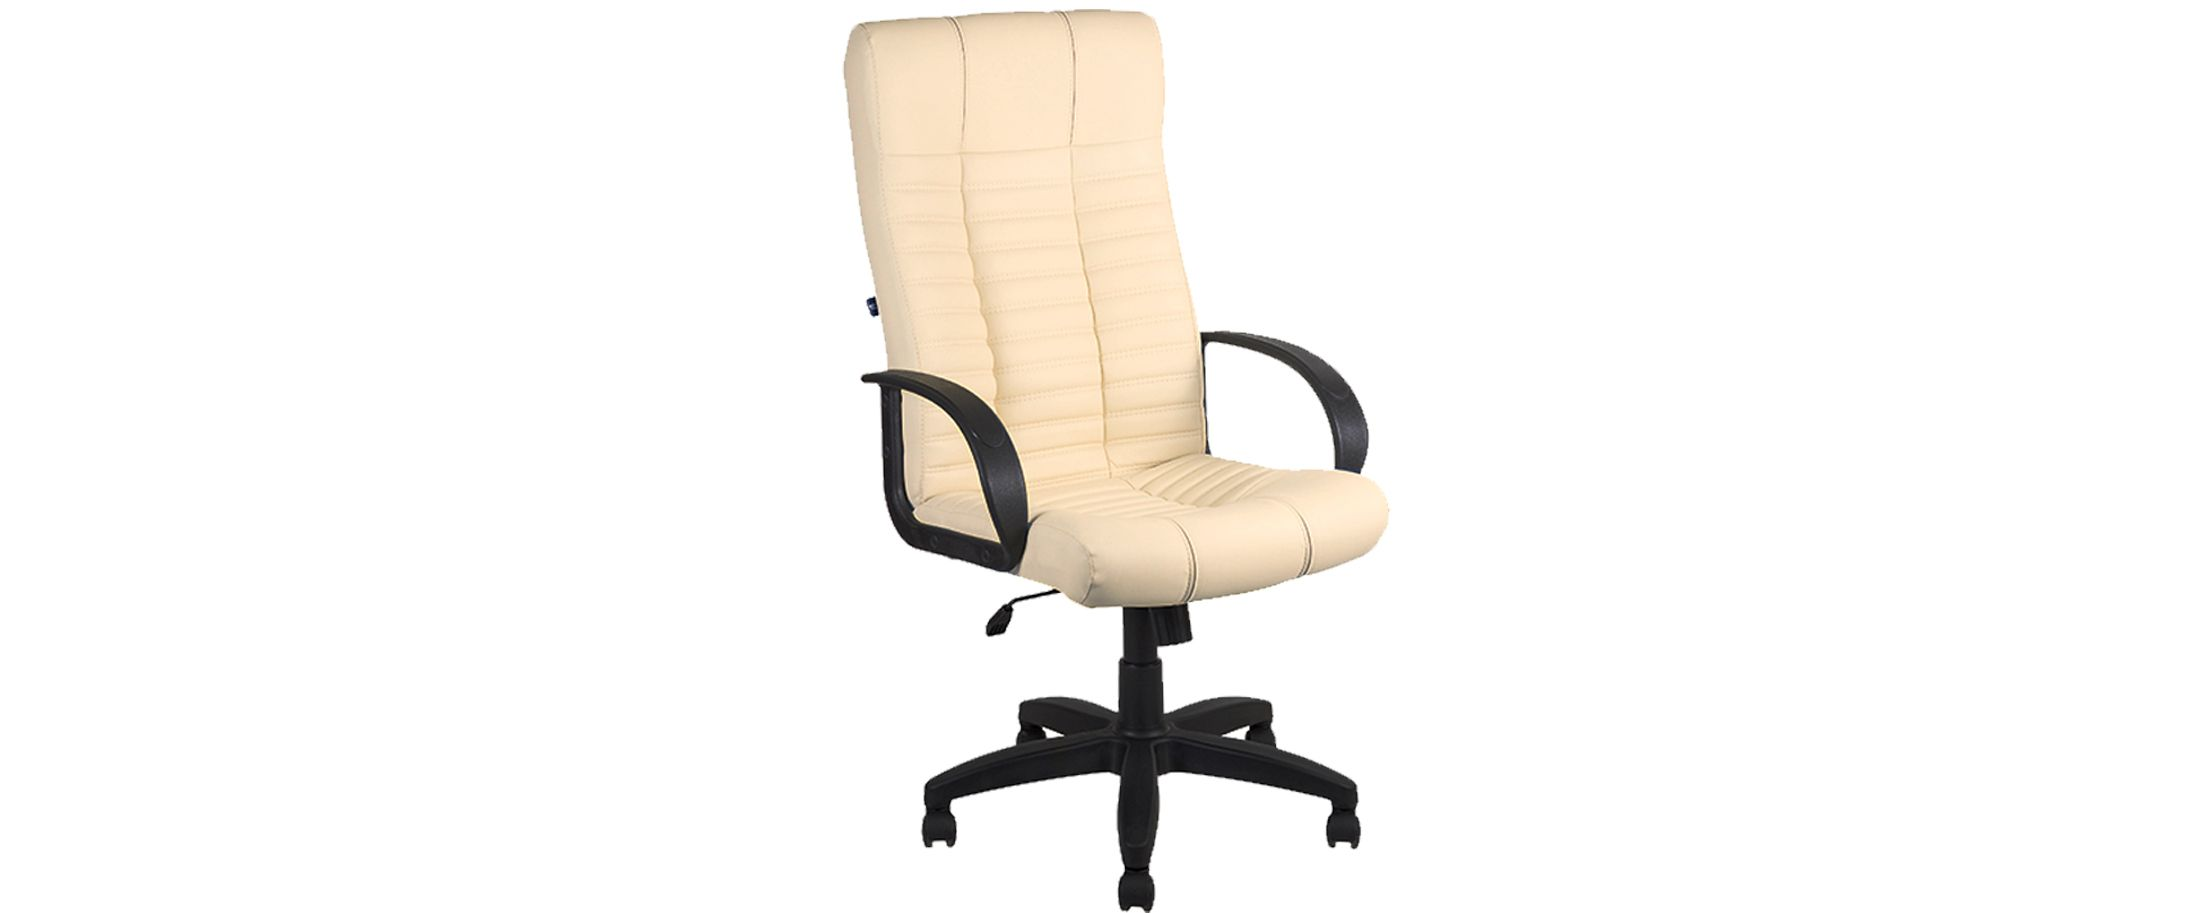 Кресло офисное AV 104 слоновая кость Модель 999Кресло офисное AV 104 слоновая кость Модель 999. Артикул Д000672<br><br>Ширина см: 49<br>Глубина см: 64<br>Высота см: 122<br>Цвет: Бежевый